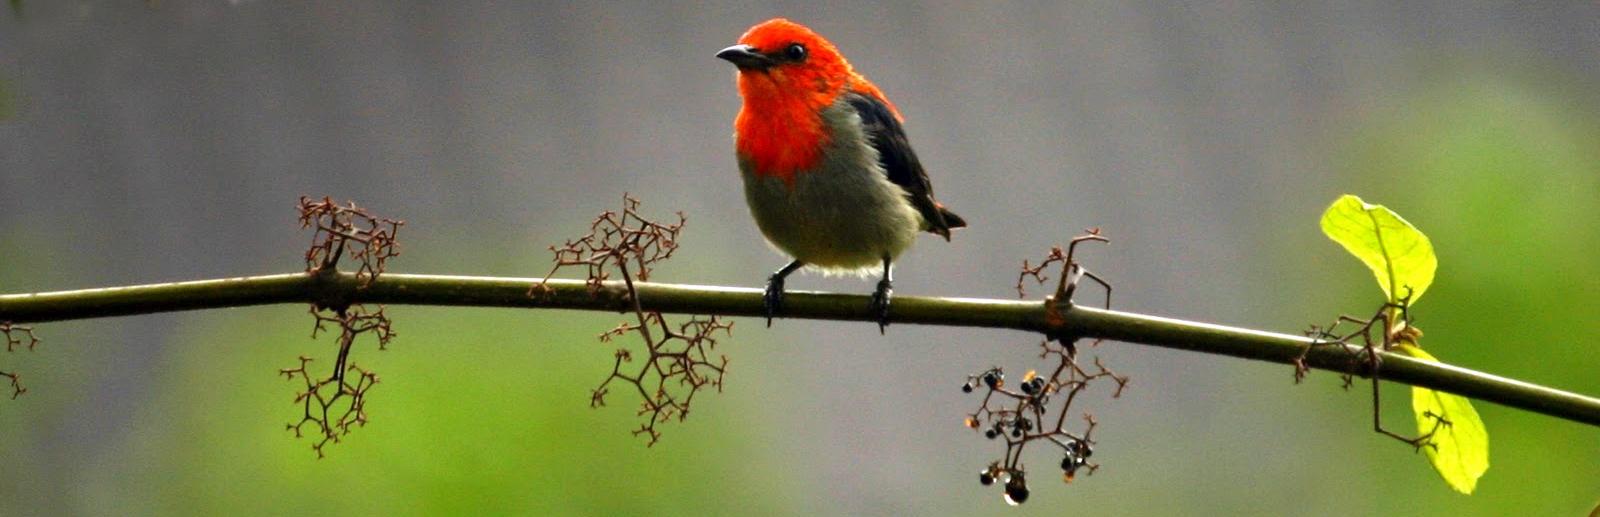 Penampilan burung kemade jantan dari depan.